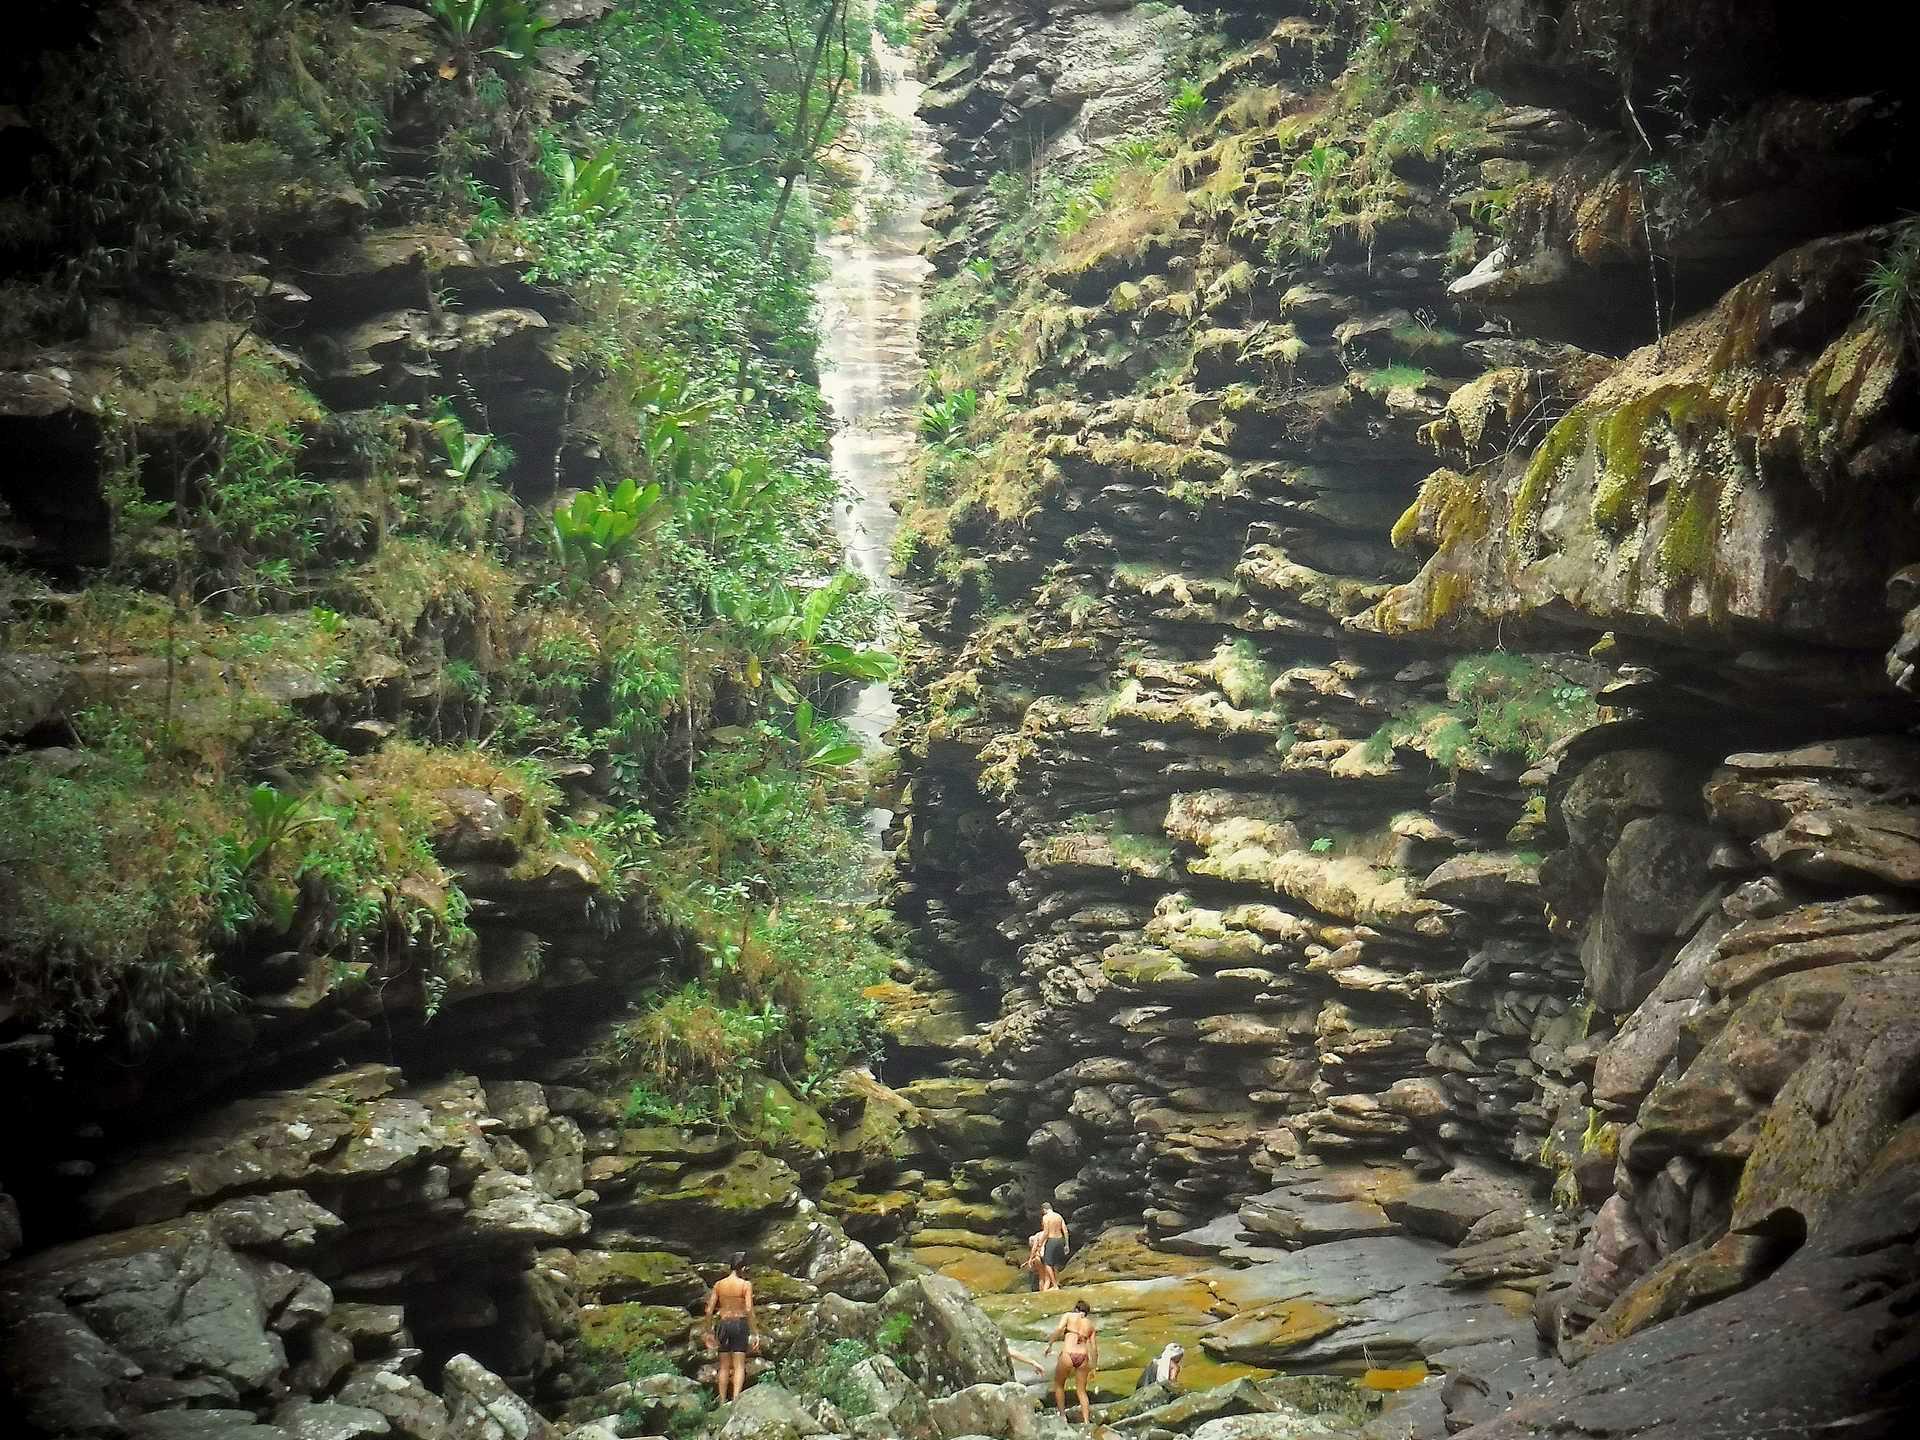 Cachoeira da Mixila, Chapada Diamantina, Brazil